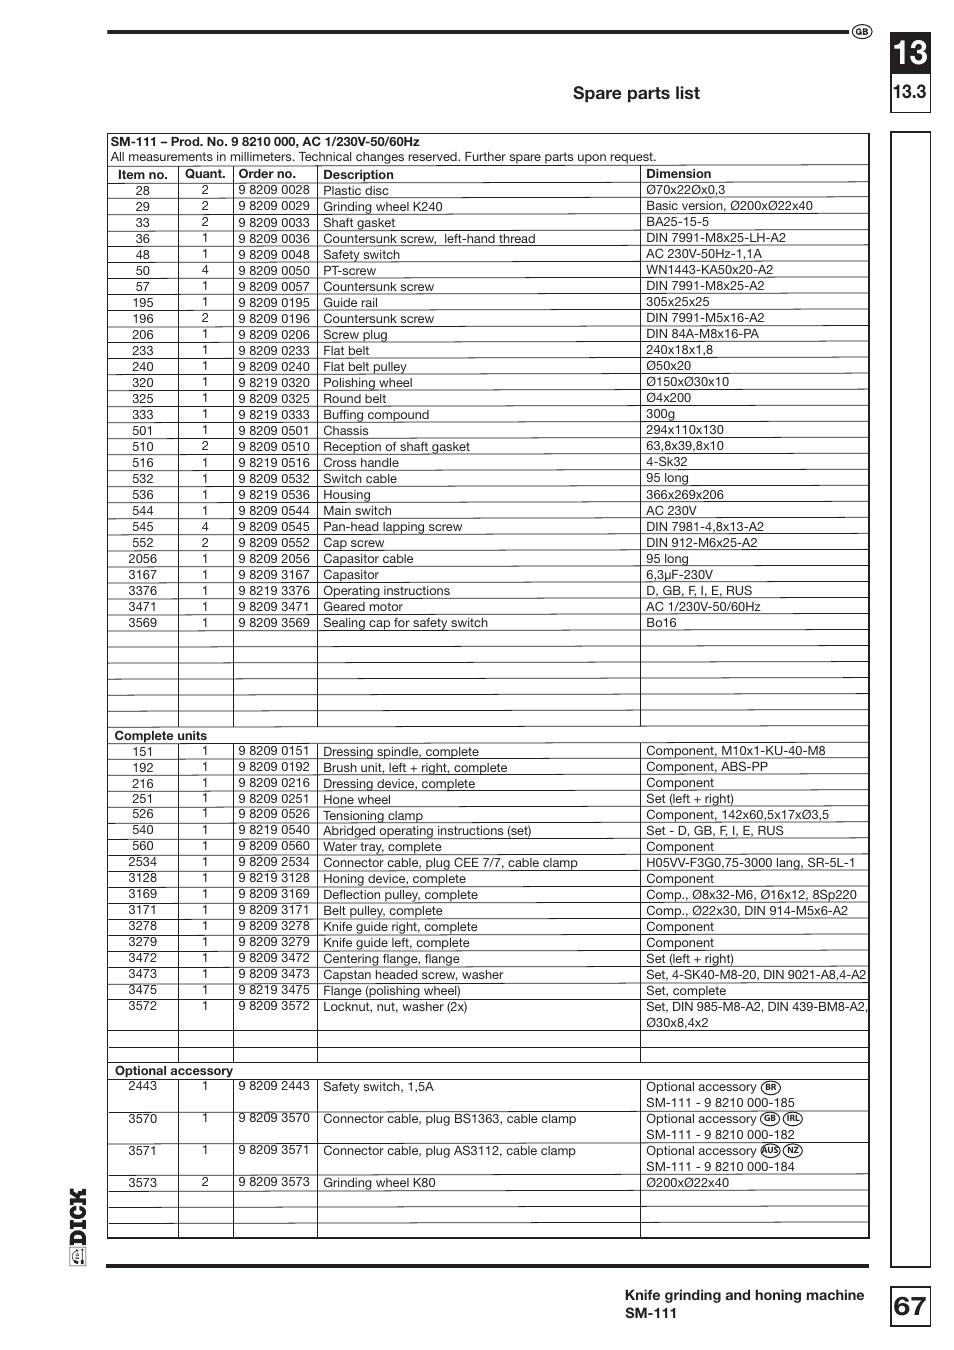 Wiring Diagram Spare Parts List Dick Sm 111 230v For Grinder User